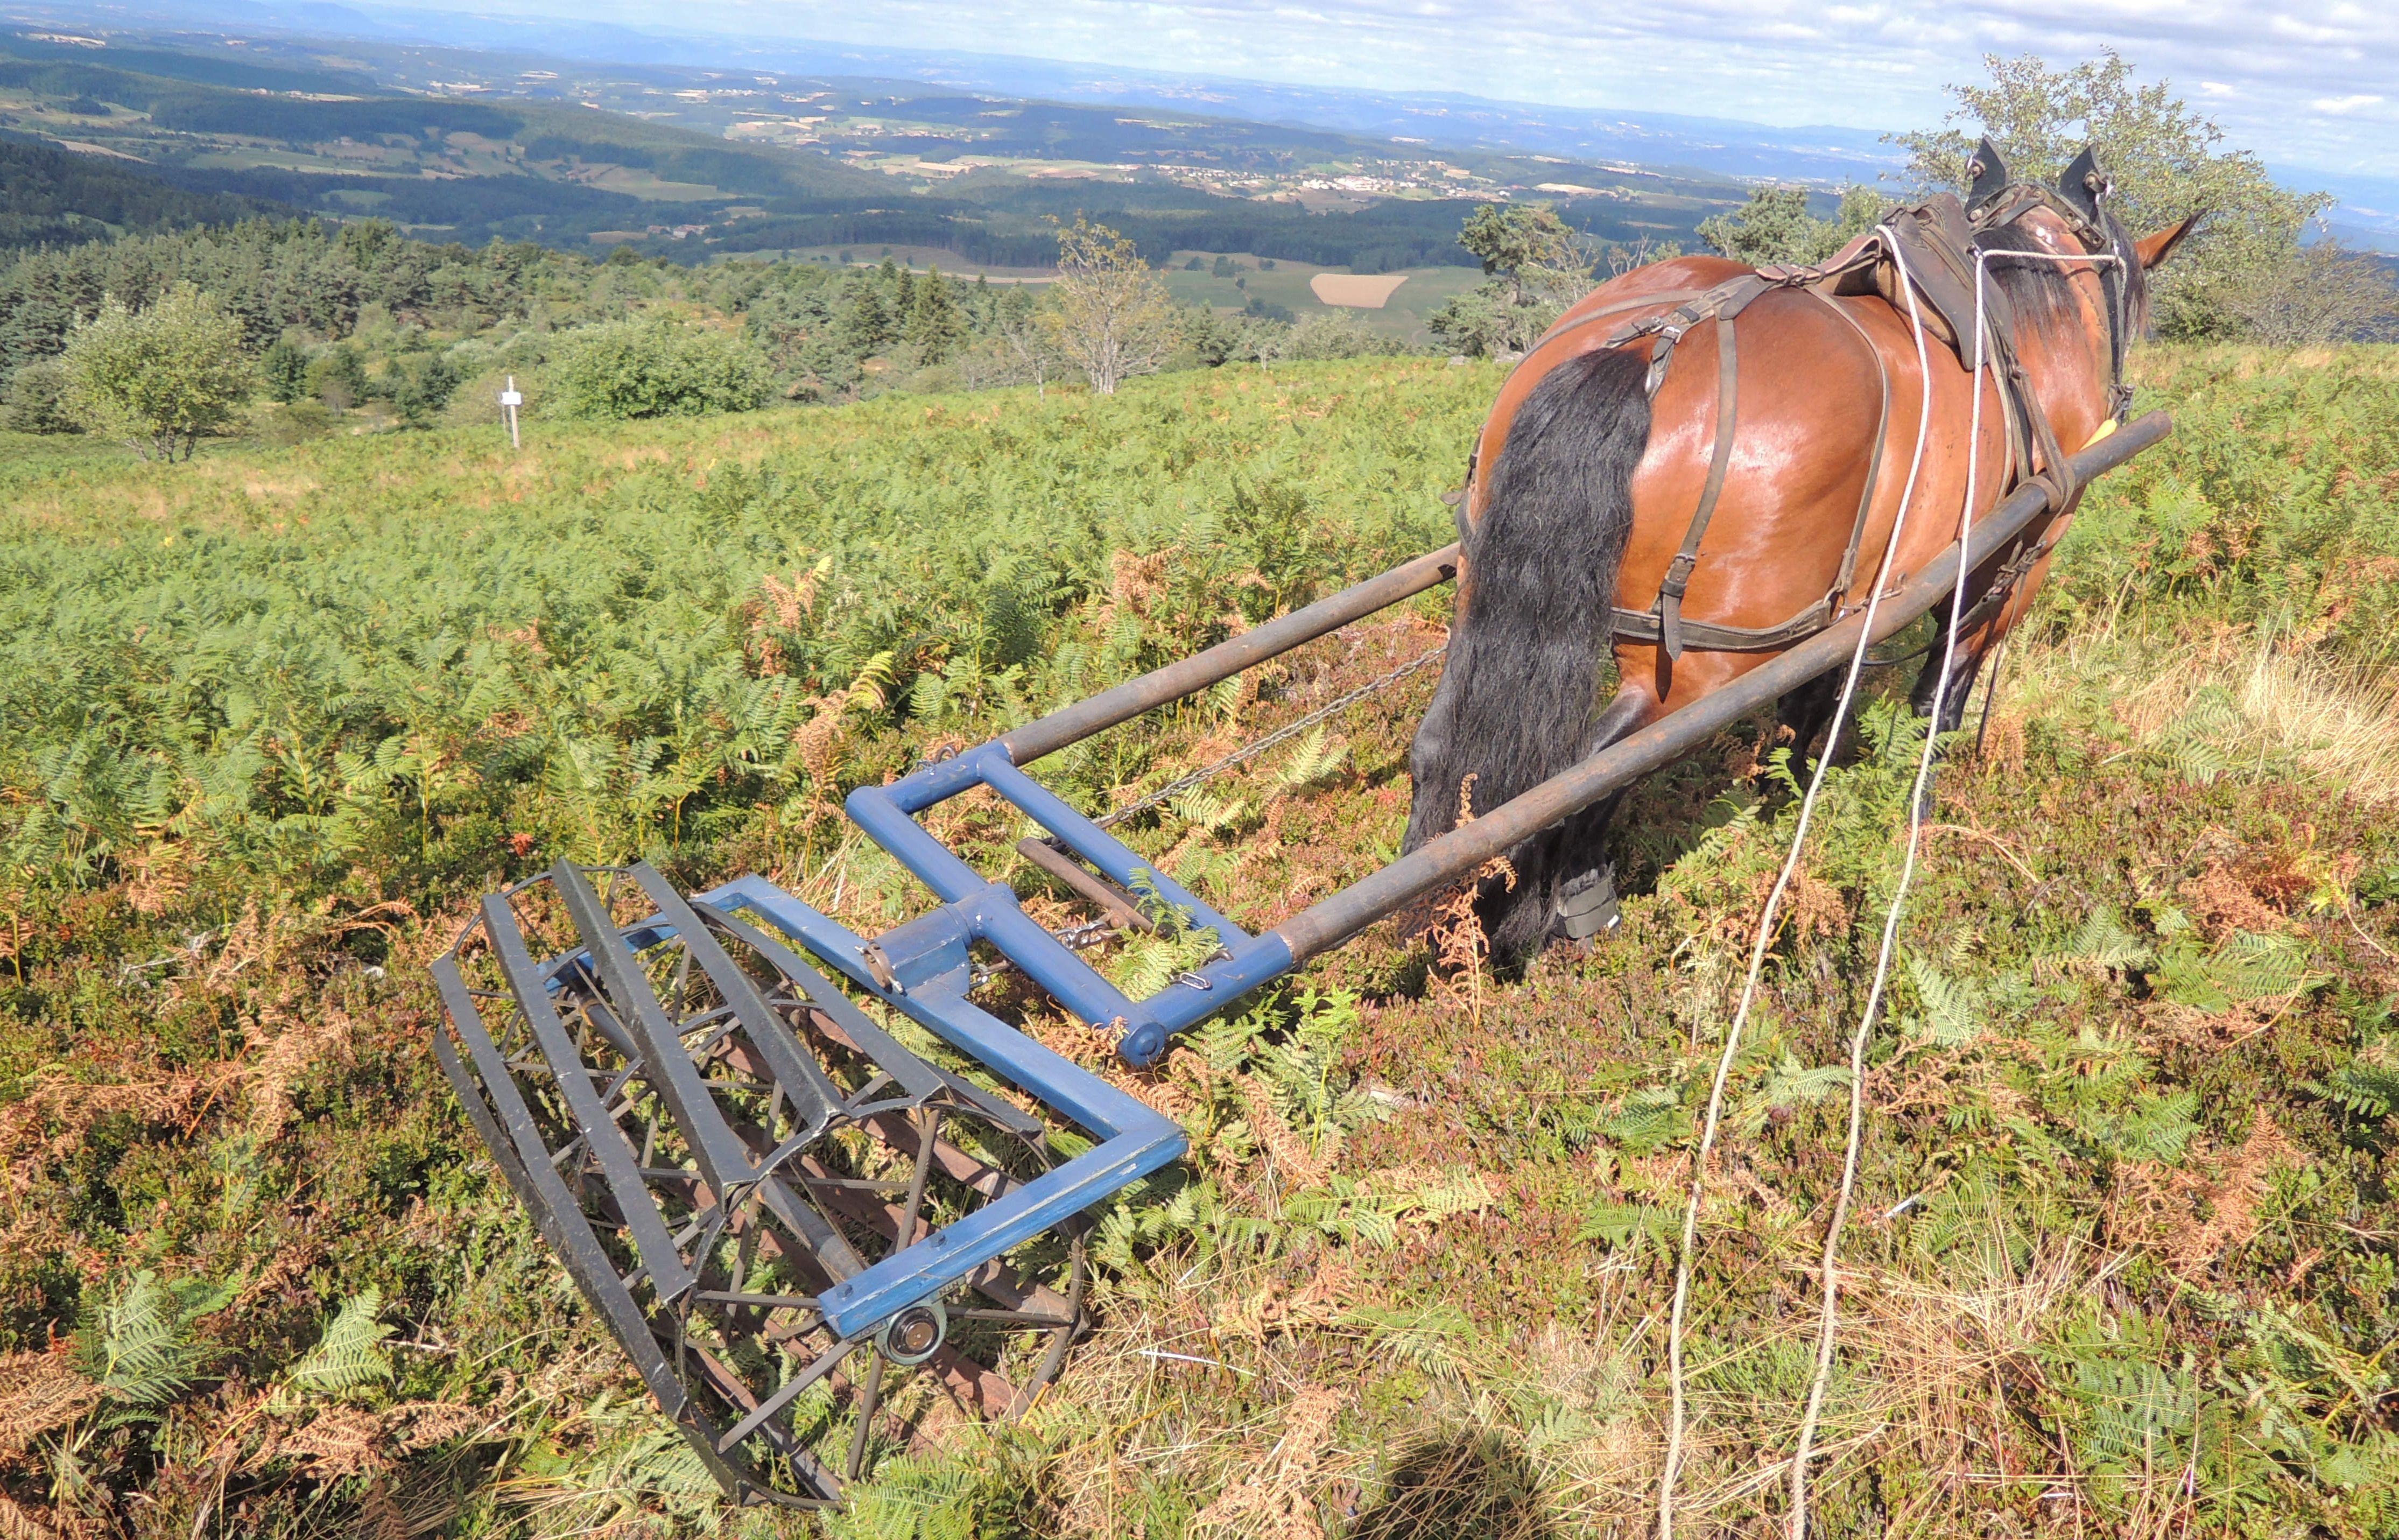 Lutte contre les fougeres dans un parc de paturage a Chaussitre avec passage d'un rouleau tracte par un cheval.